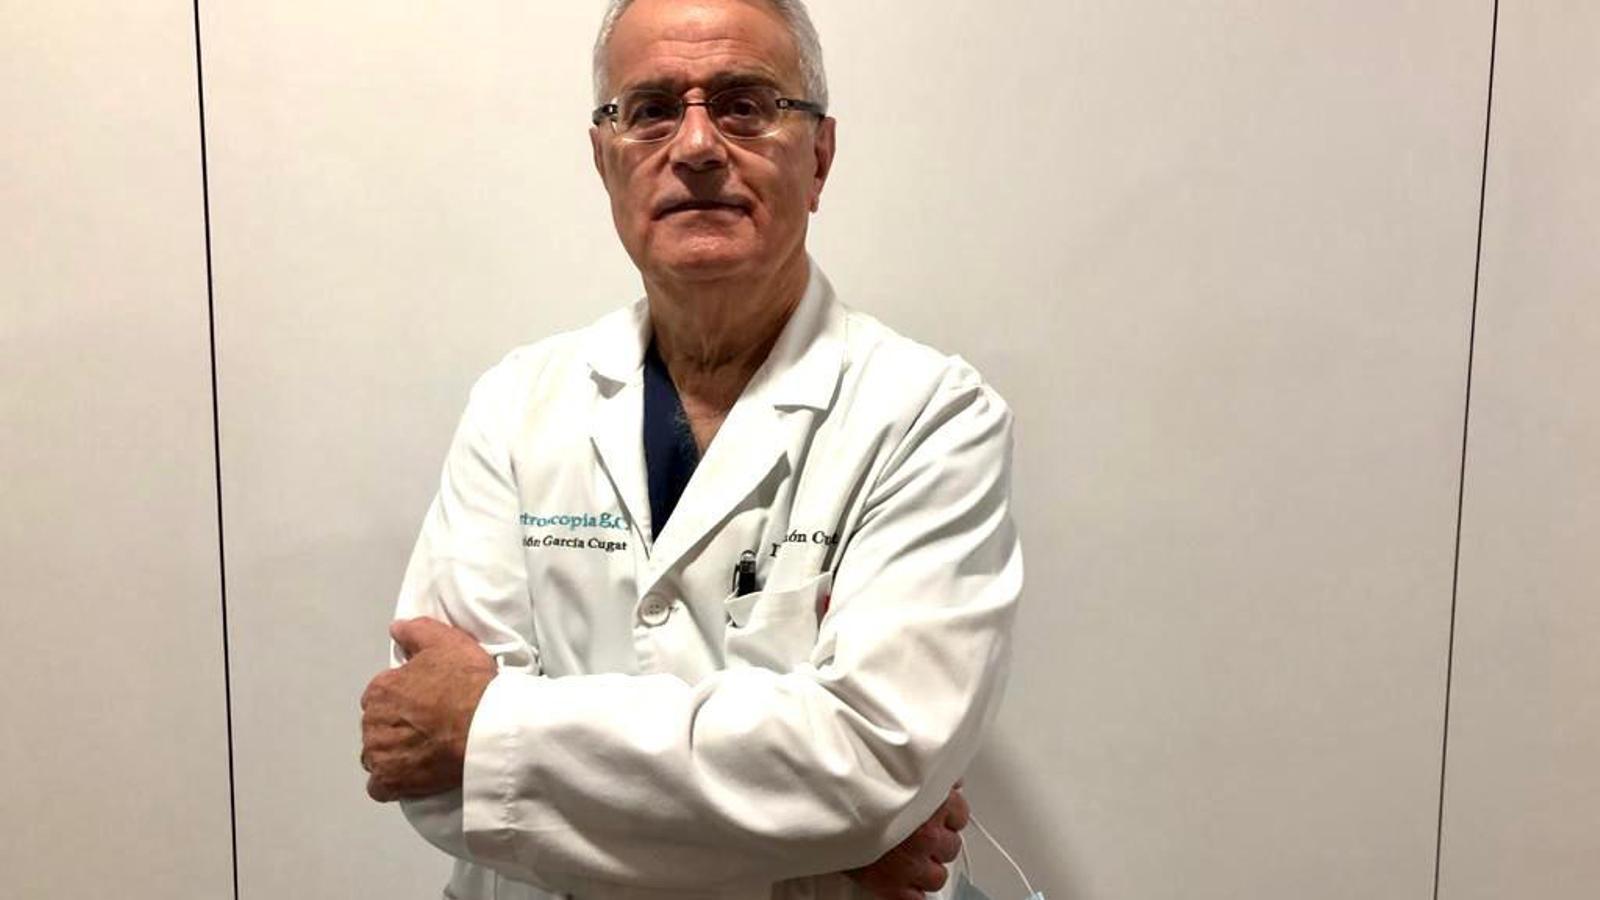 El doctor Ramon Cugat també acompanyarà Víctor Font en la cursa per presidir el Barça